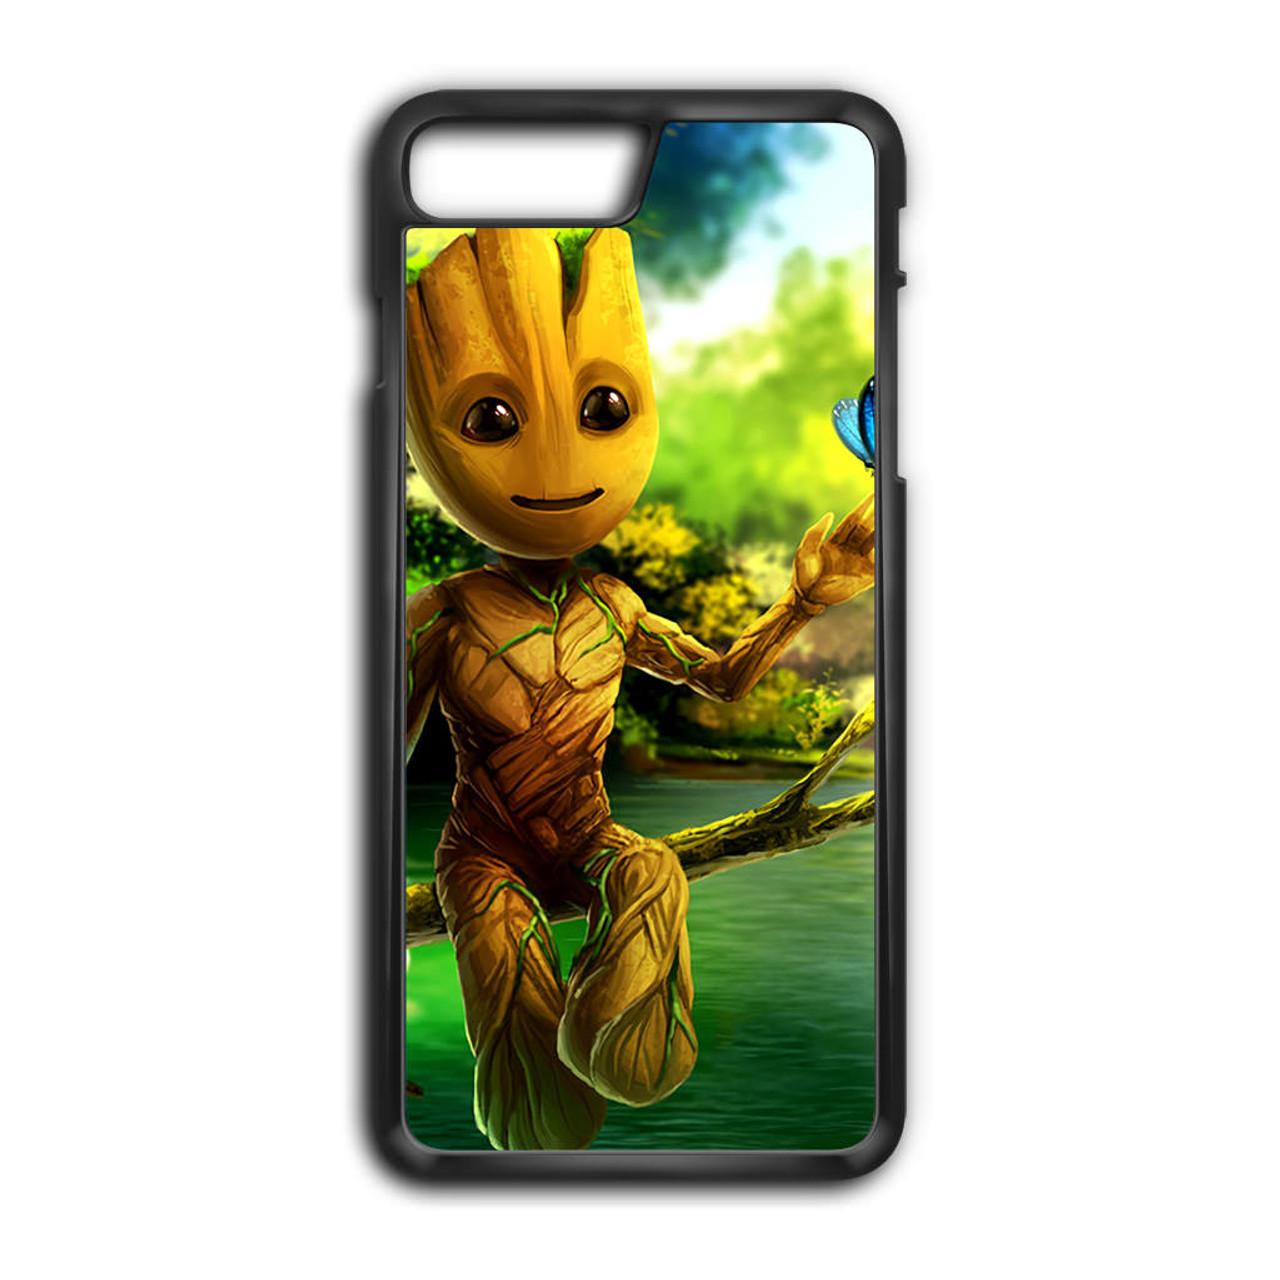 groot iphone 7 plus case